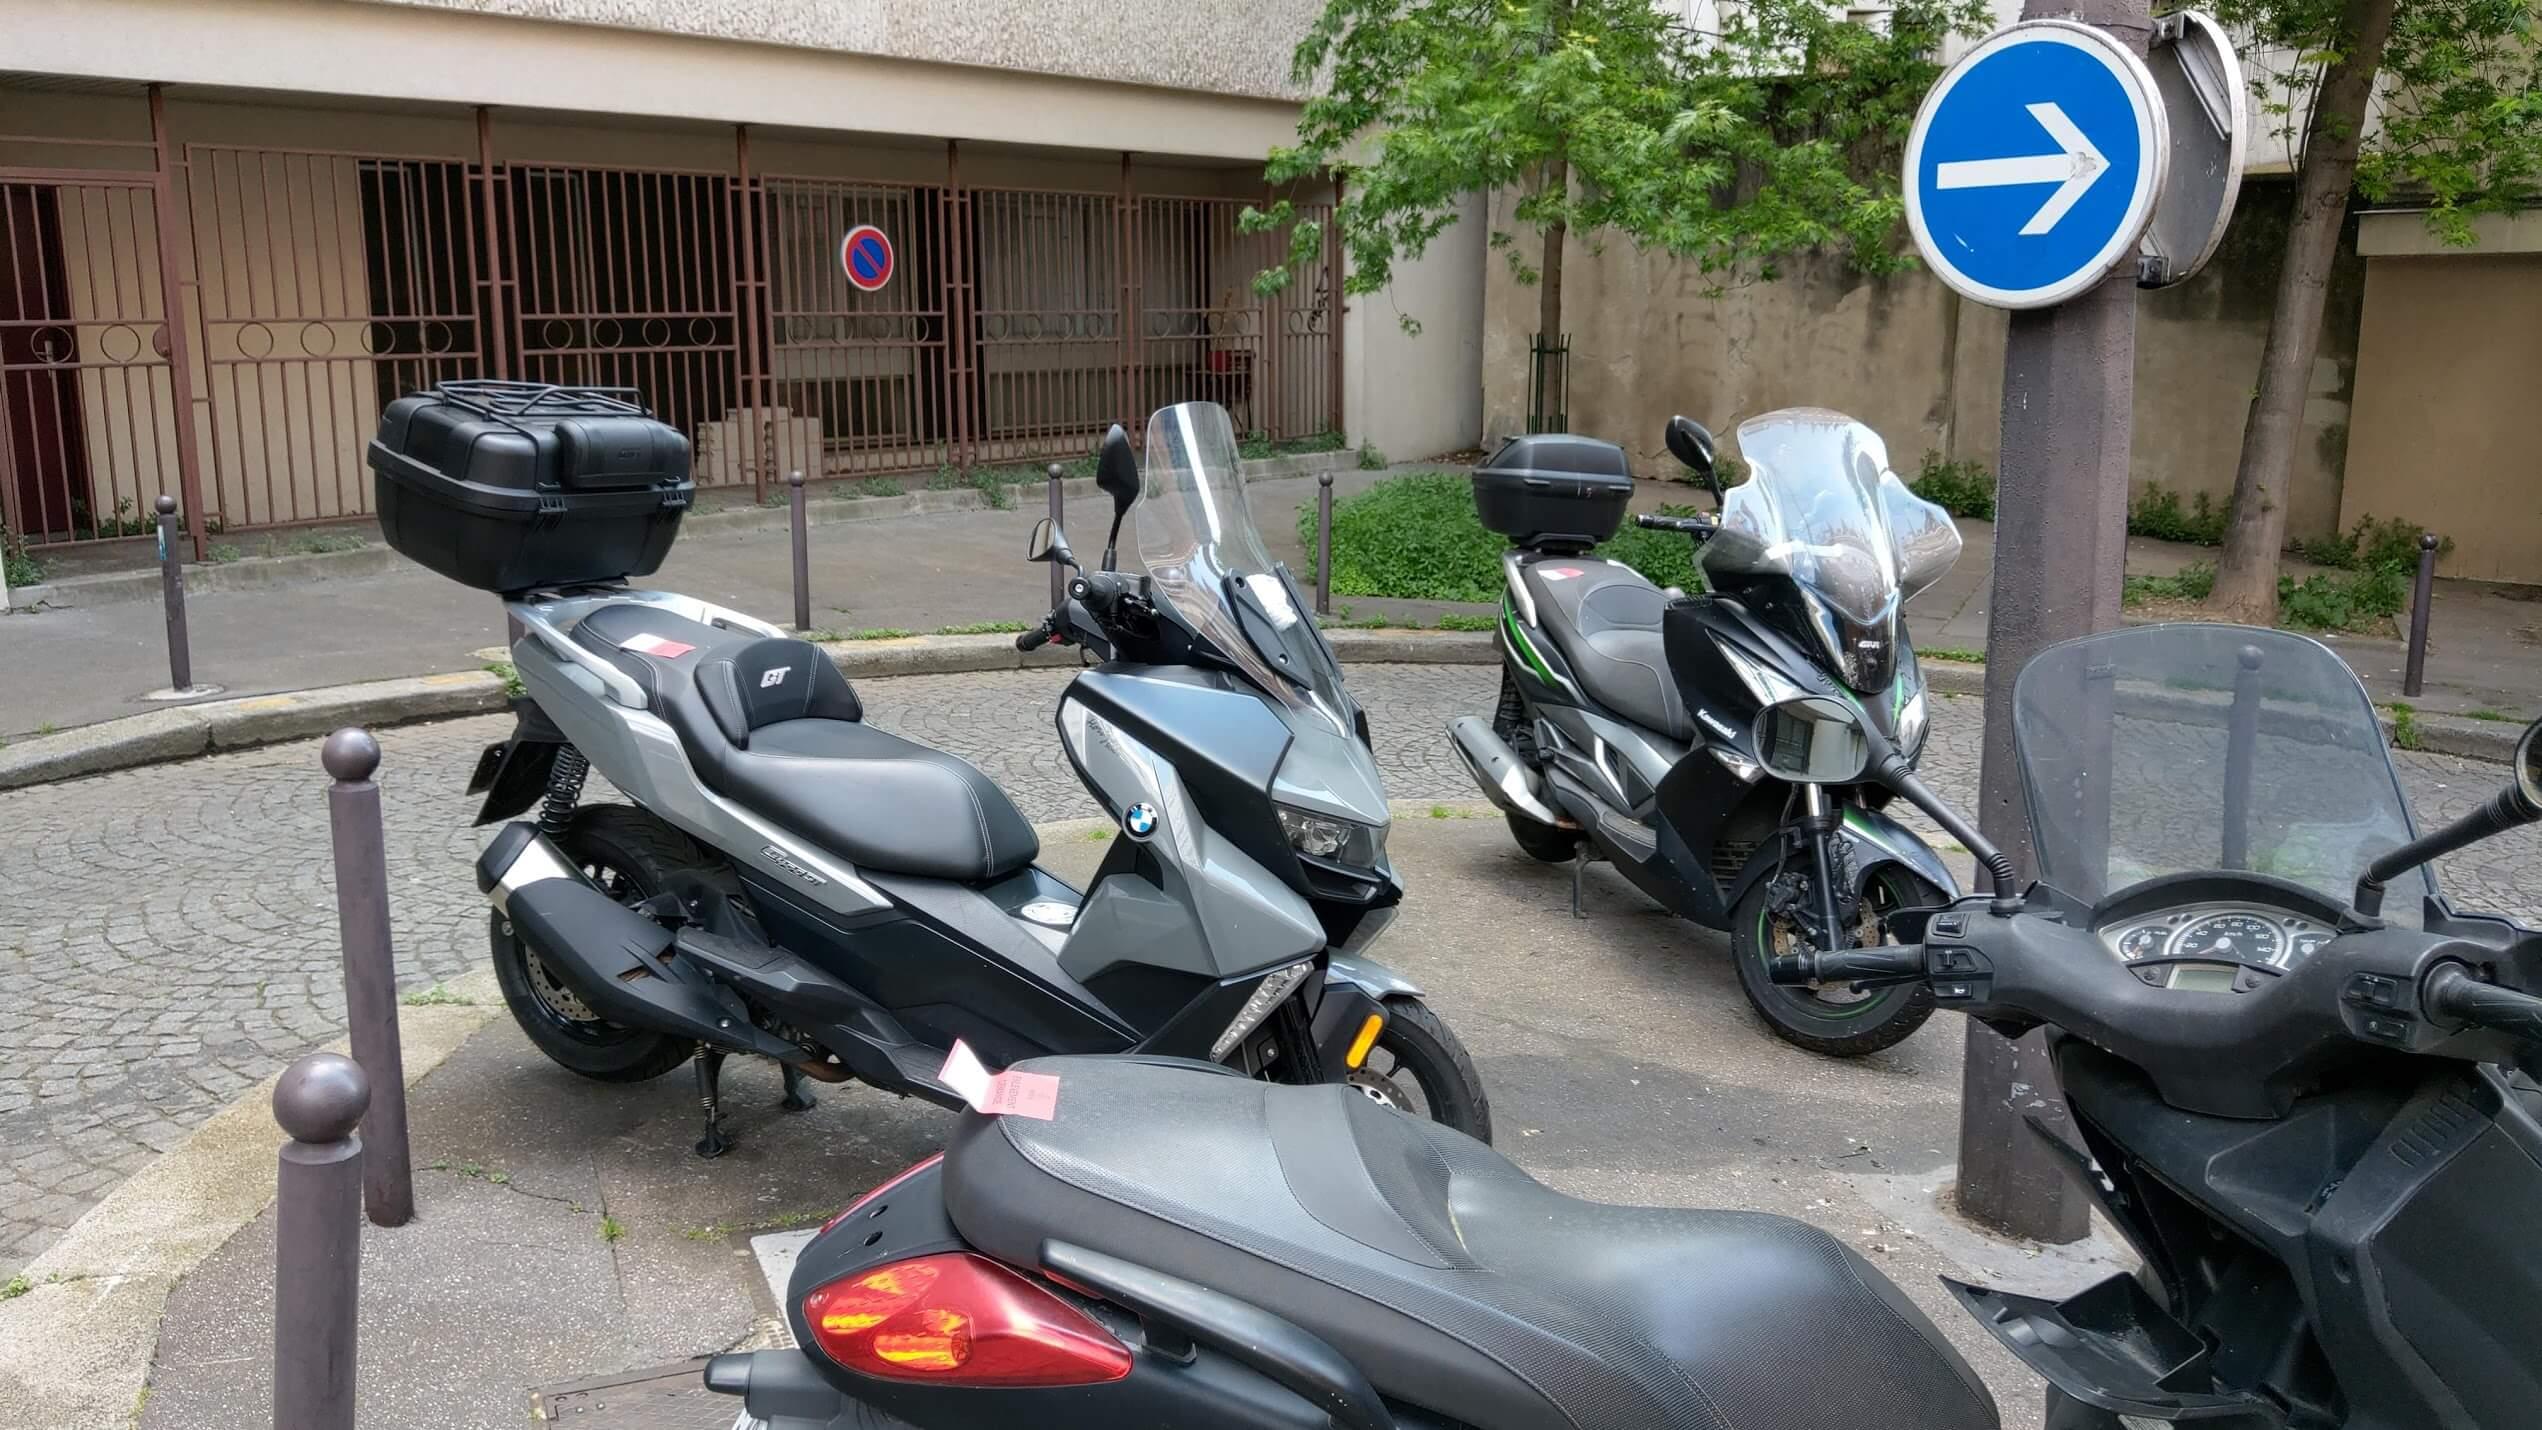 Ras Le Scoot salue la mise en place du stationnement payant pour les deux-roues motorisés